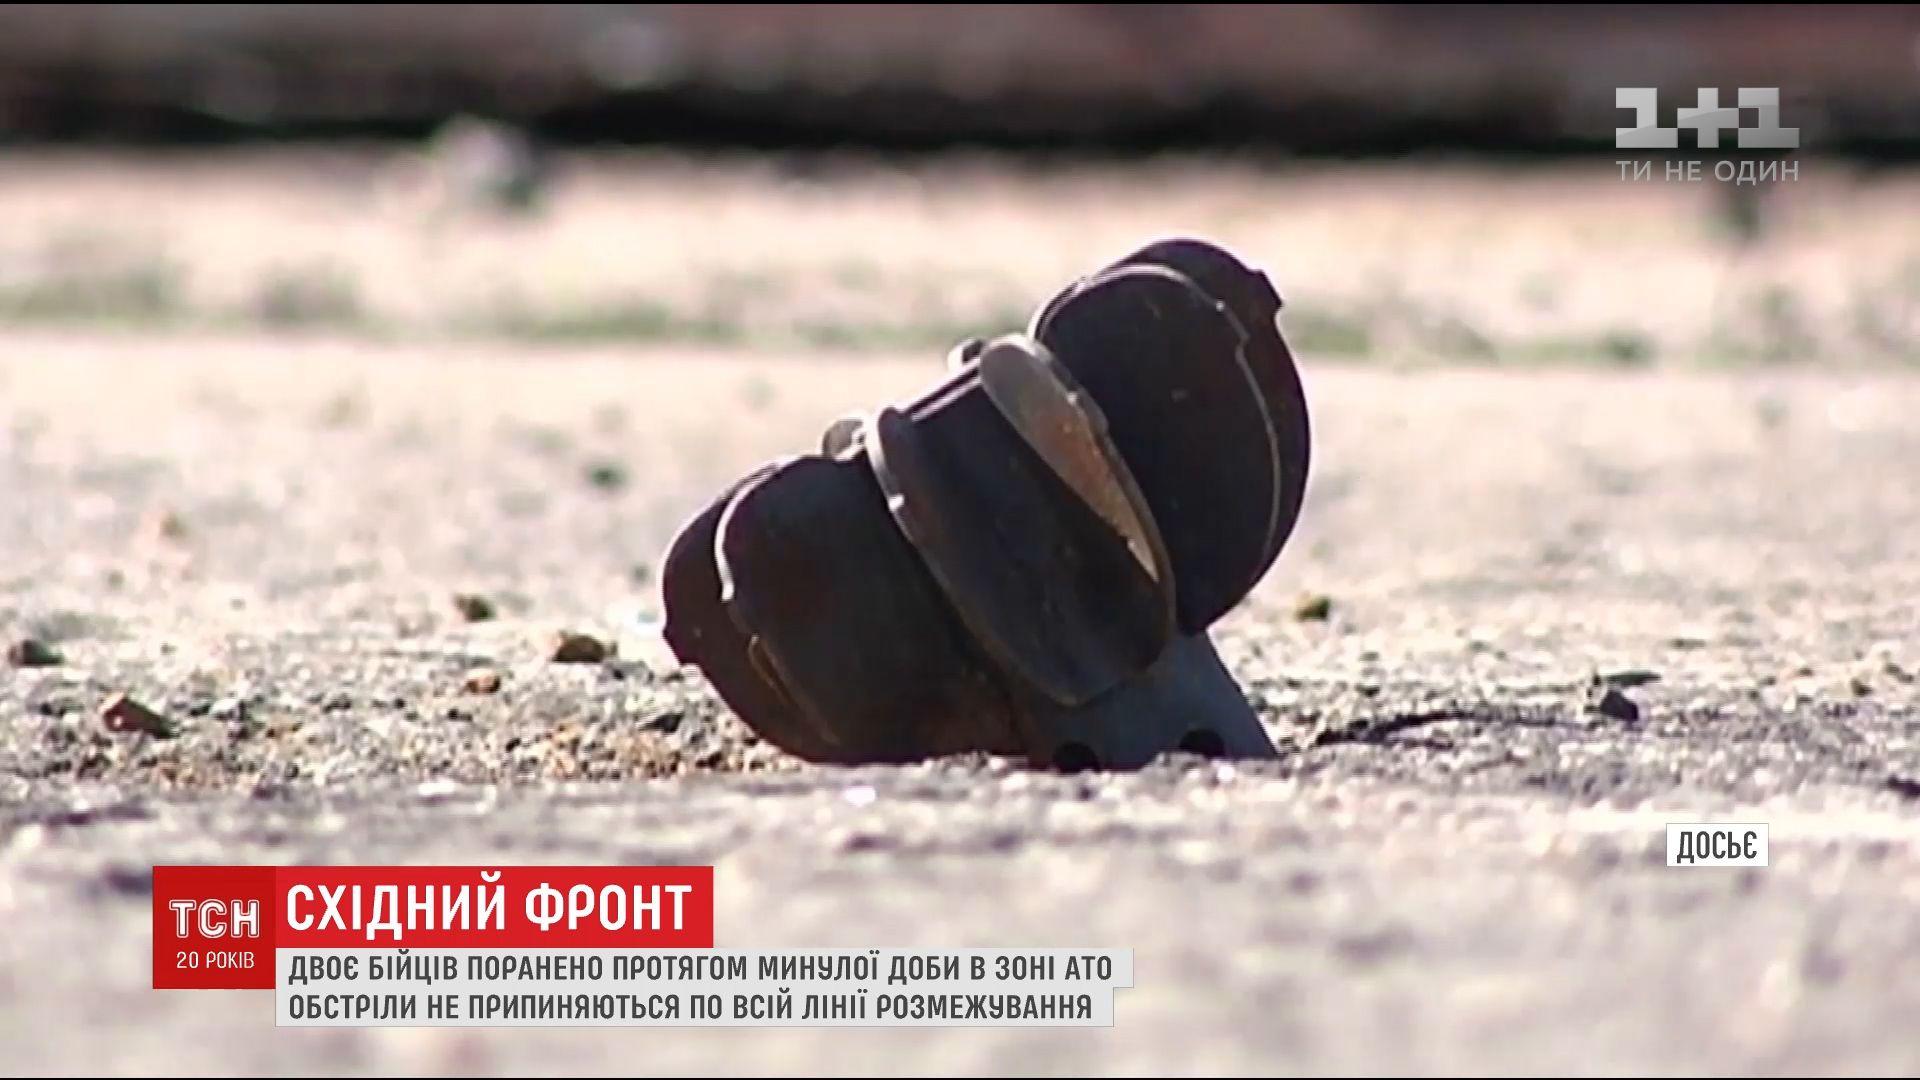 ipress.ua Доба в зоні АТО  бойовики били із забороненої зброї 2bb2795bf2441